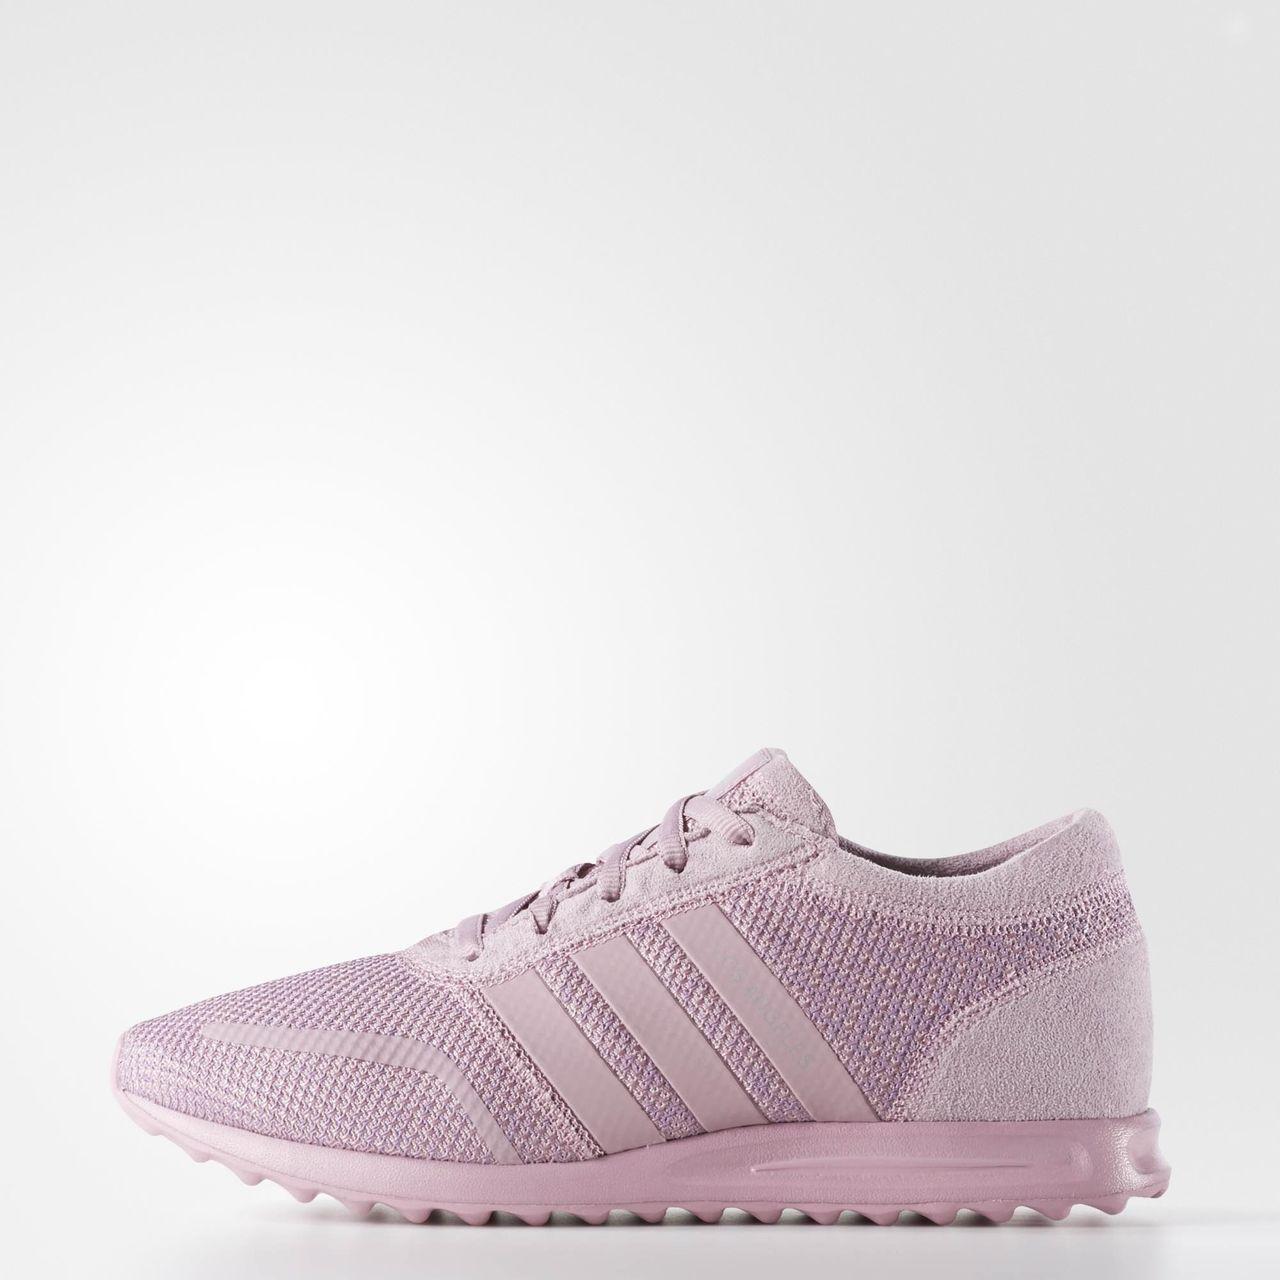 adidas los angeles scarpe adidas unito adidas vestito rosa f spostamento